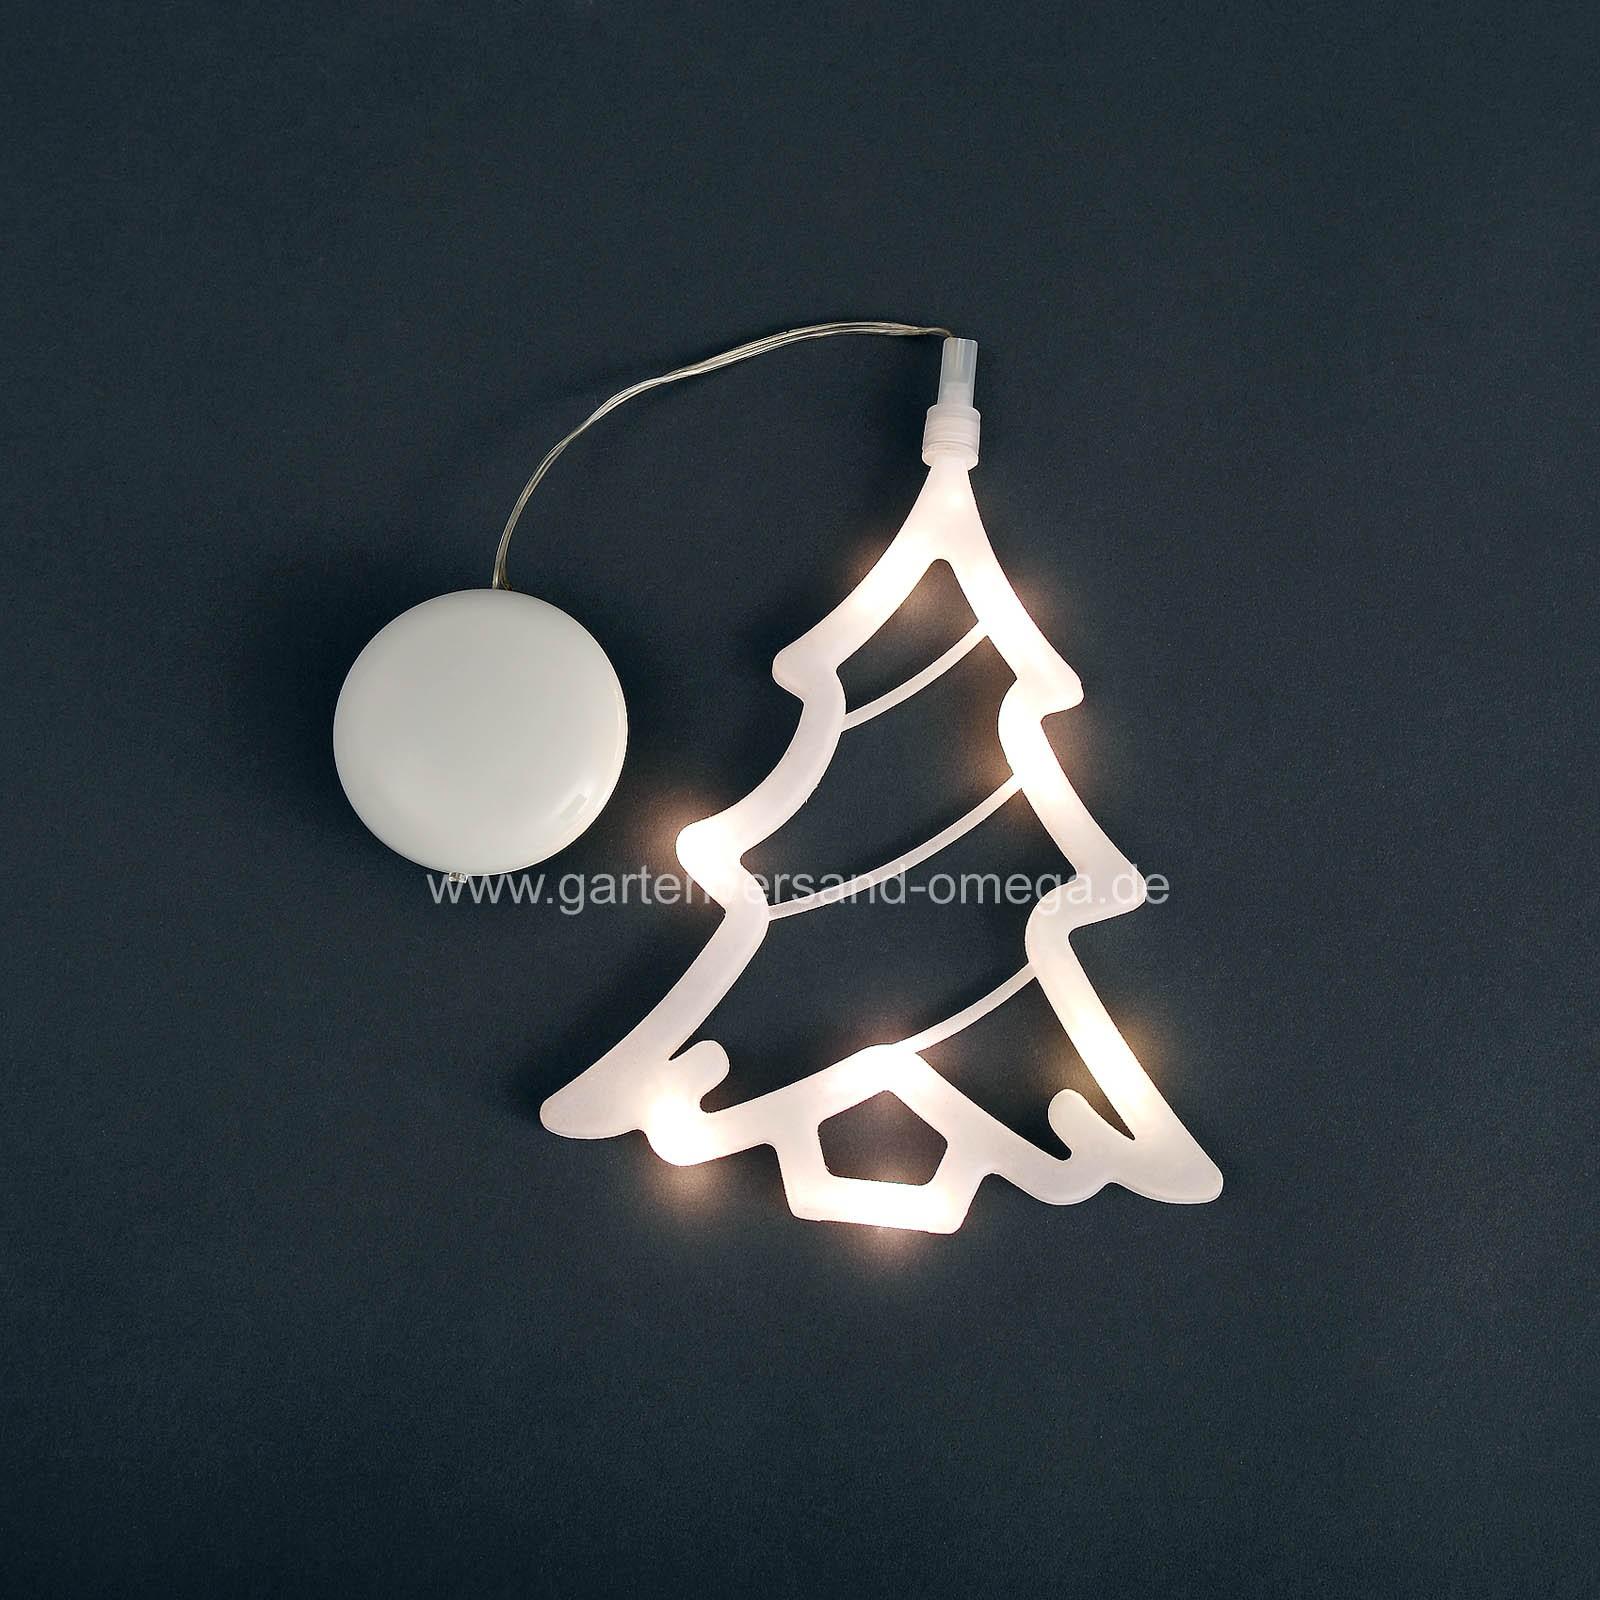 2604432-led-fensterbild-mit-saughaltertannenbaumhd-large Spannende Led Weihnachtsbaumbeleuchtung Ohne Kabel Dekorationen